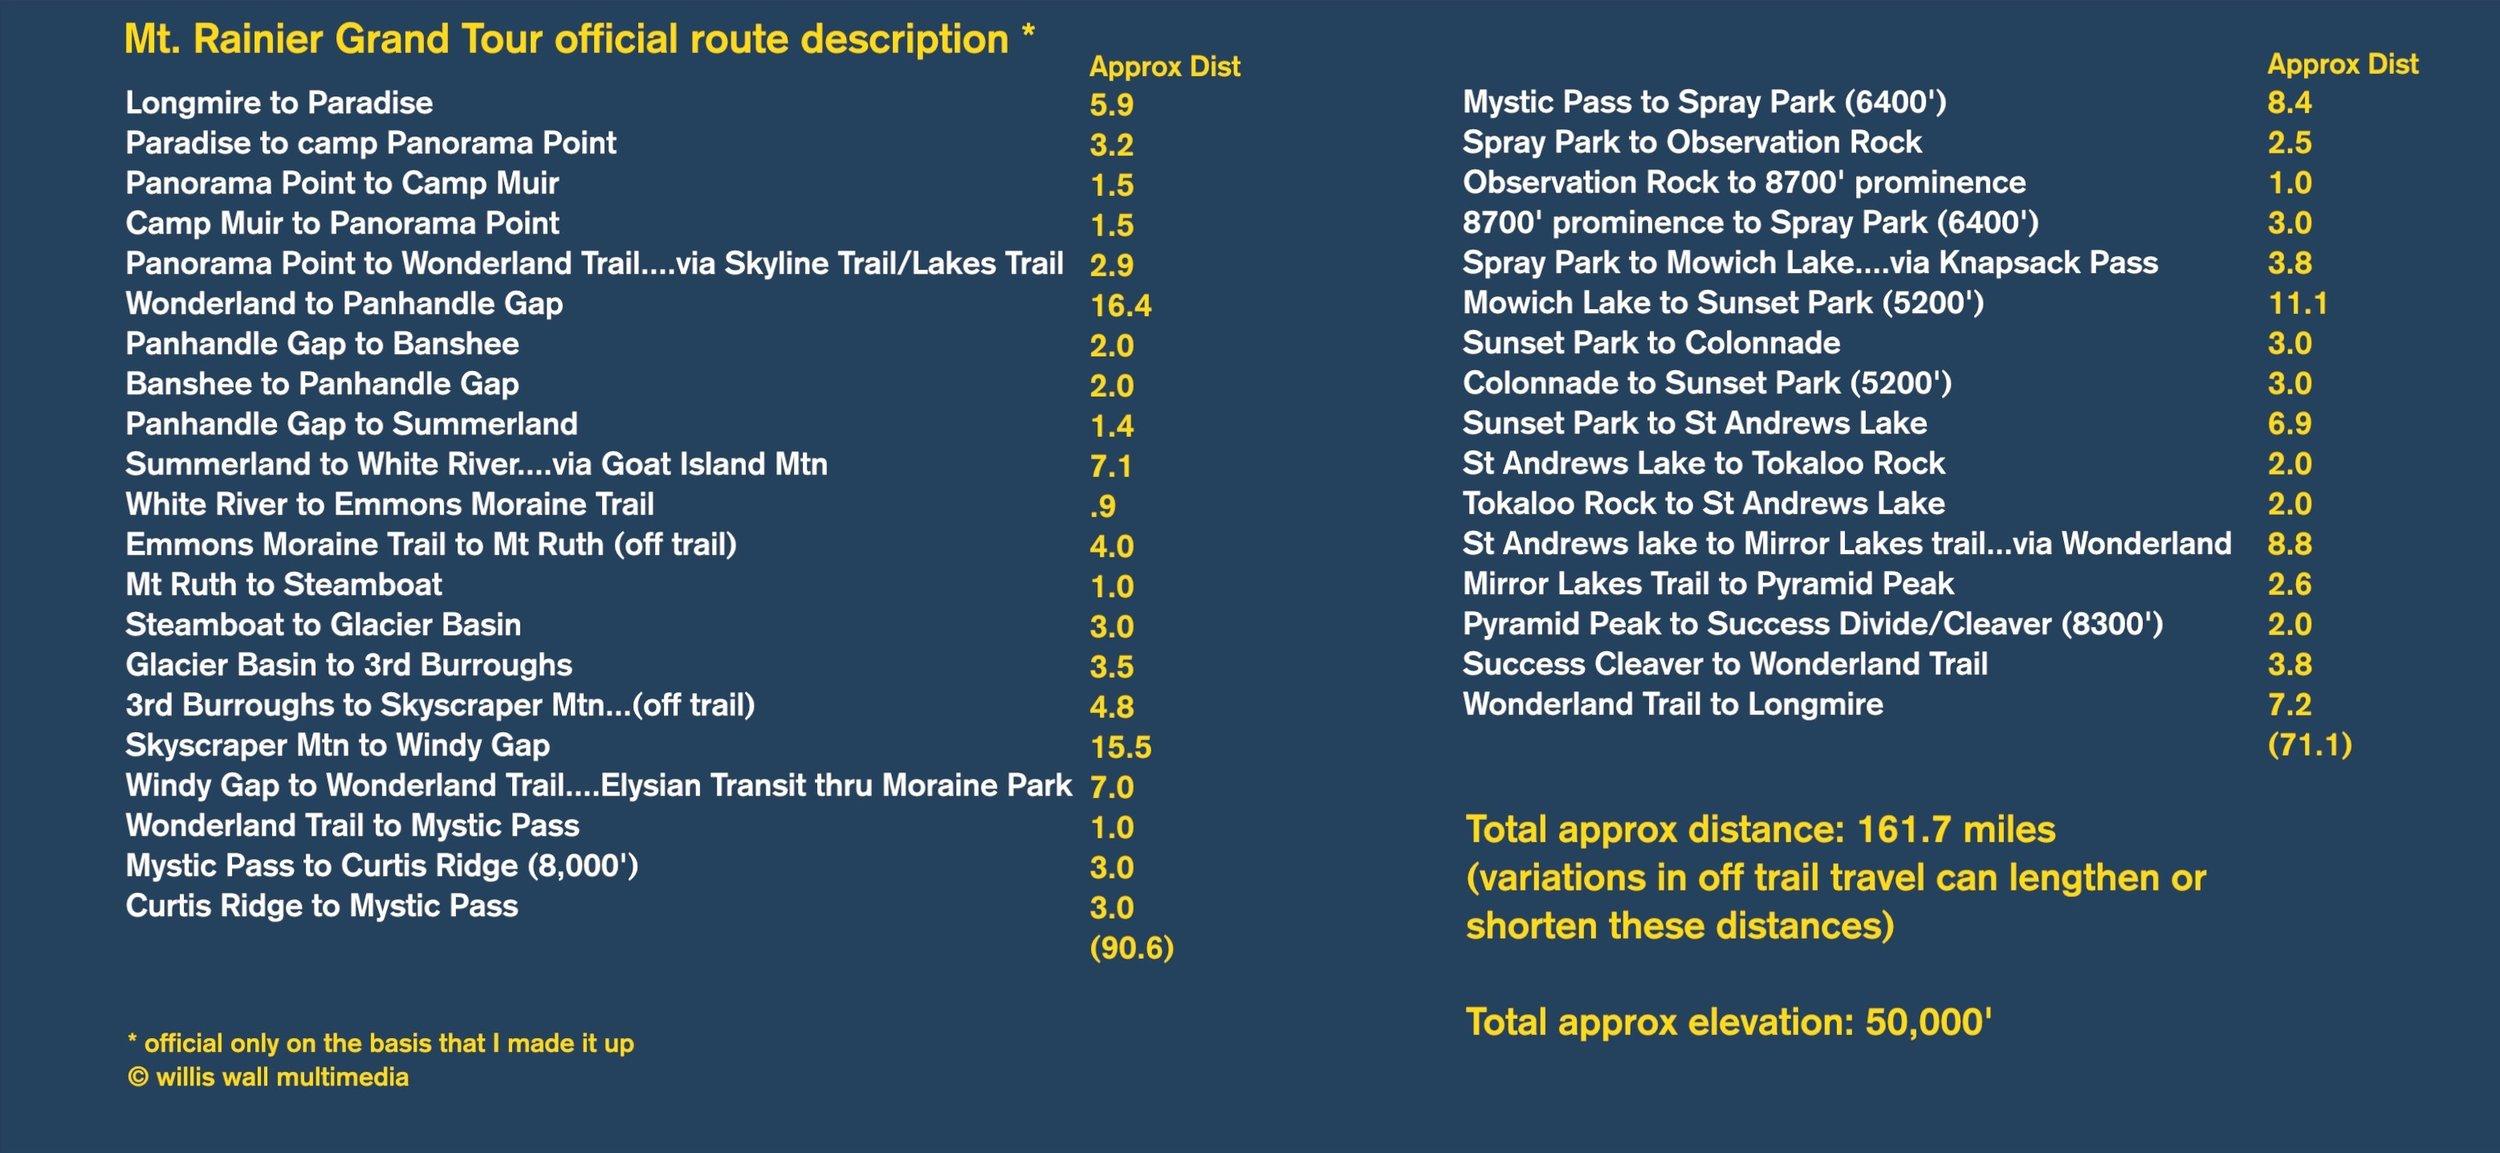 Mt. Rainier Grand Tour: Official Route Description